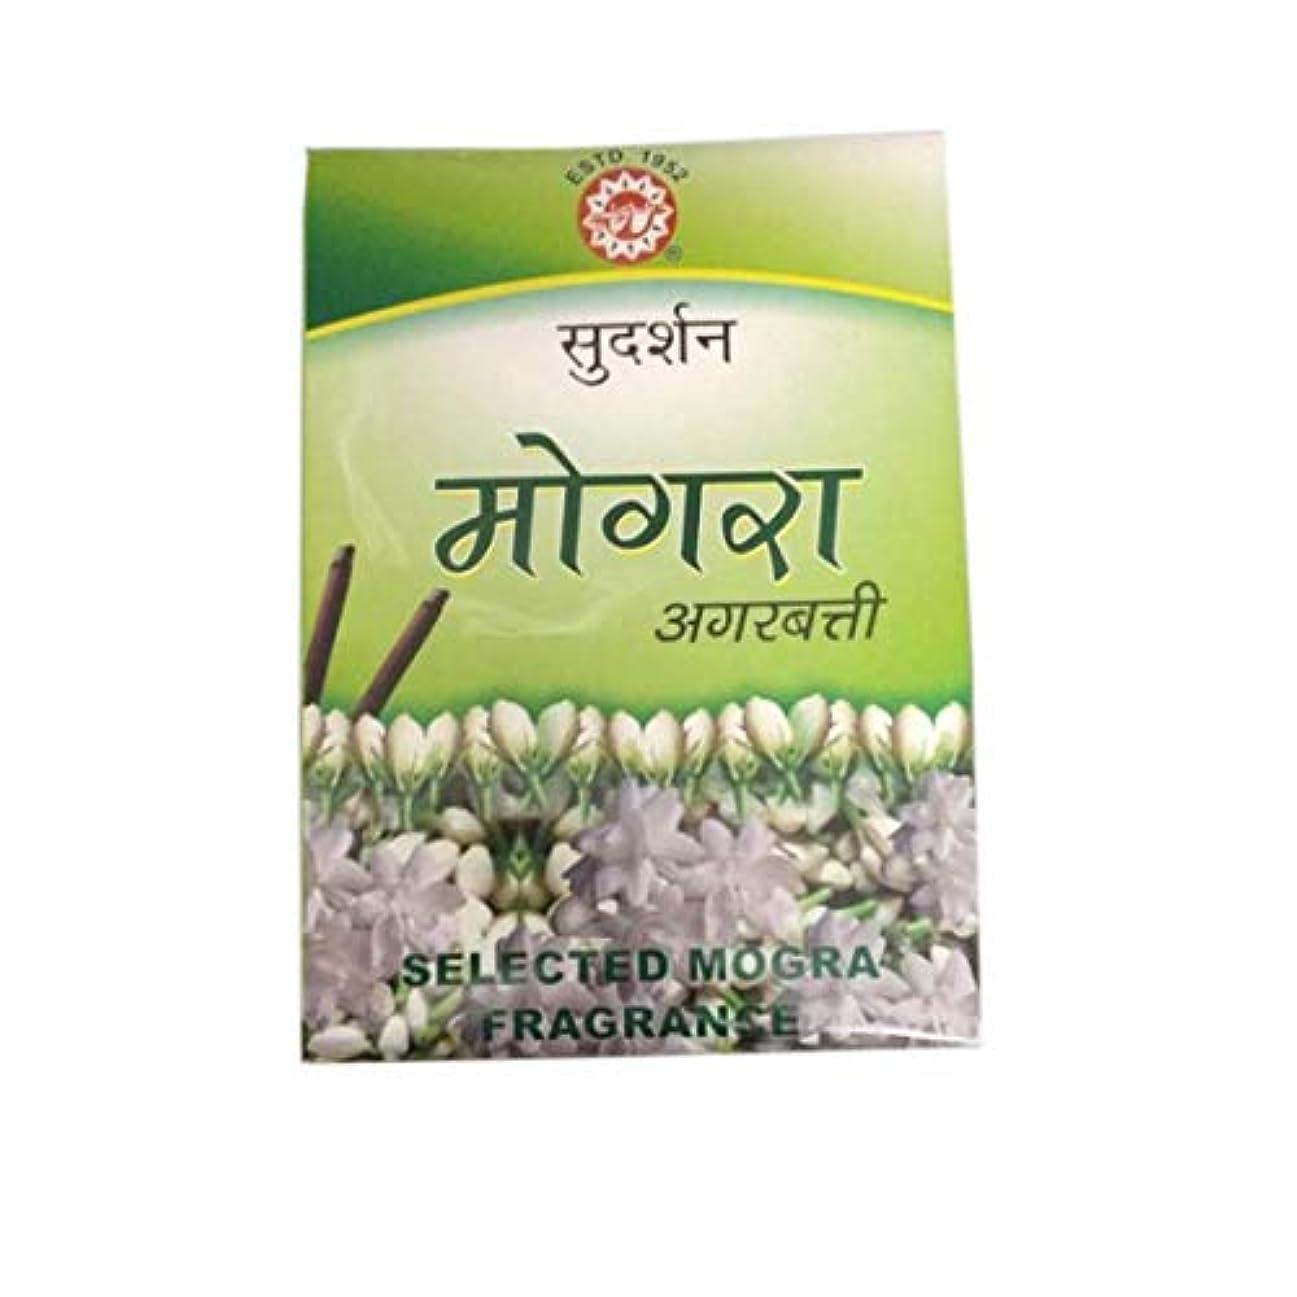 温度歯痛泣くSudarshan Mogra Agarbatti - 12 Sticks Packet 1 Box Fragrance Incense Sticks for Positivity & Freshness Lavender...